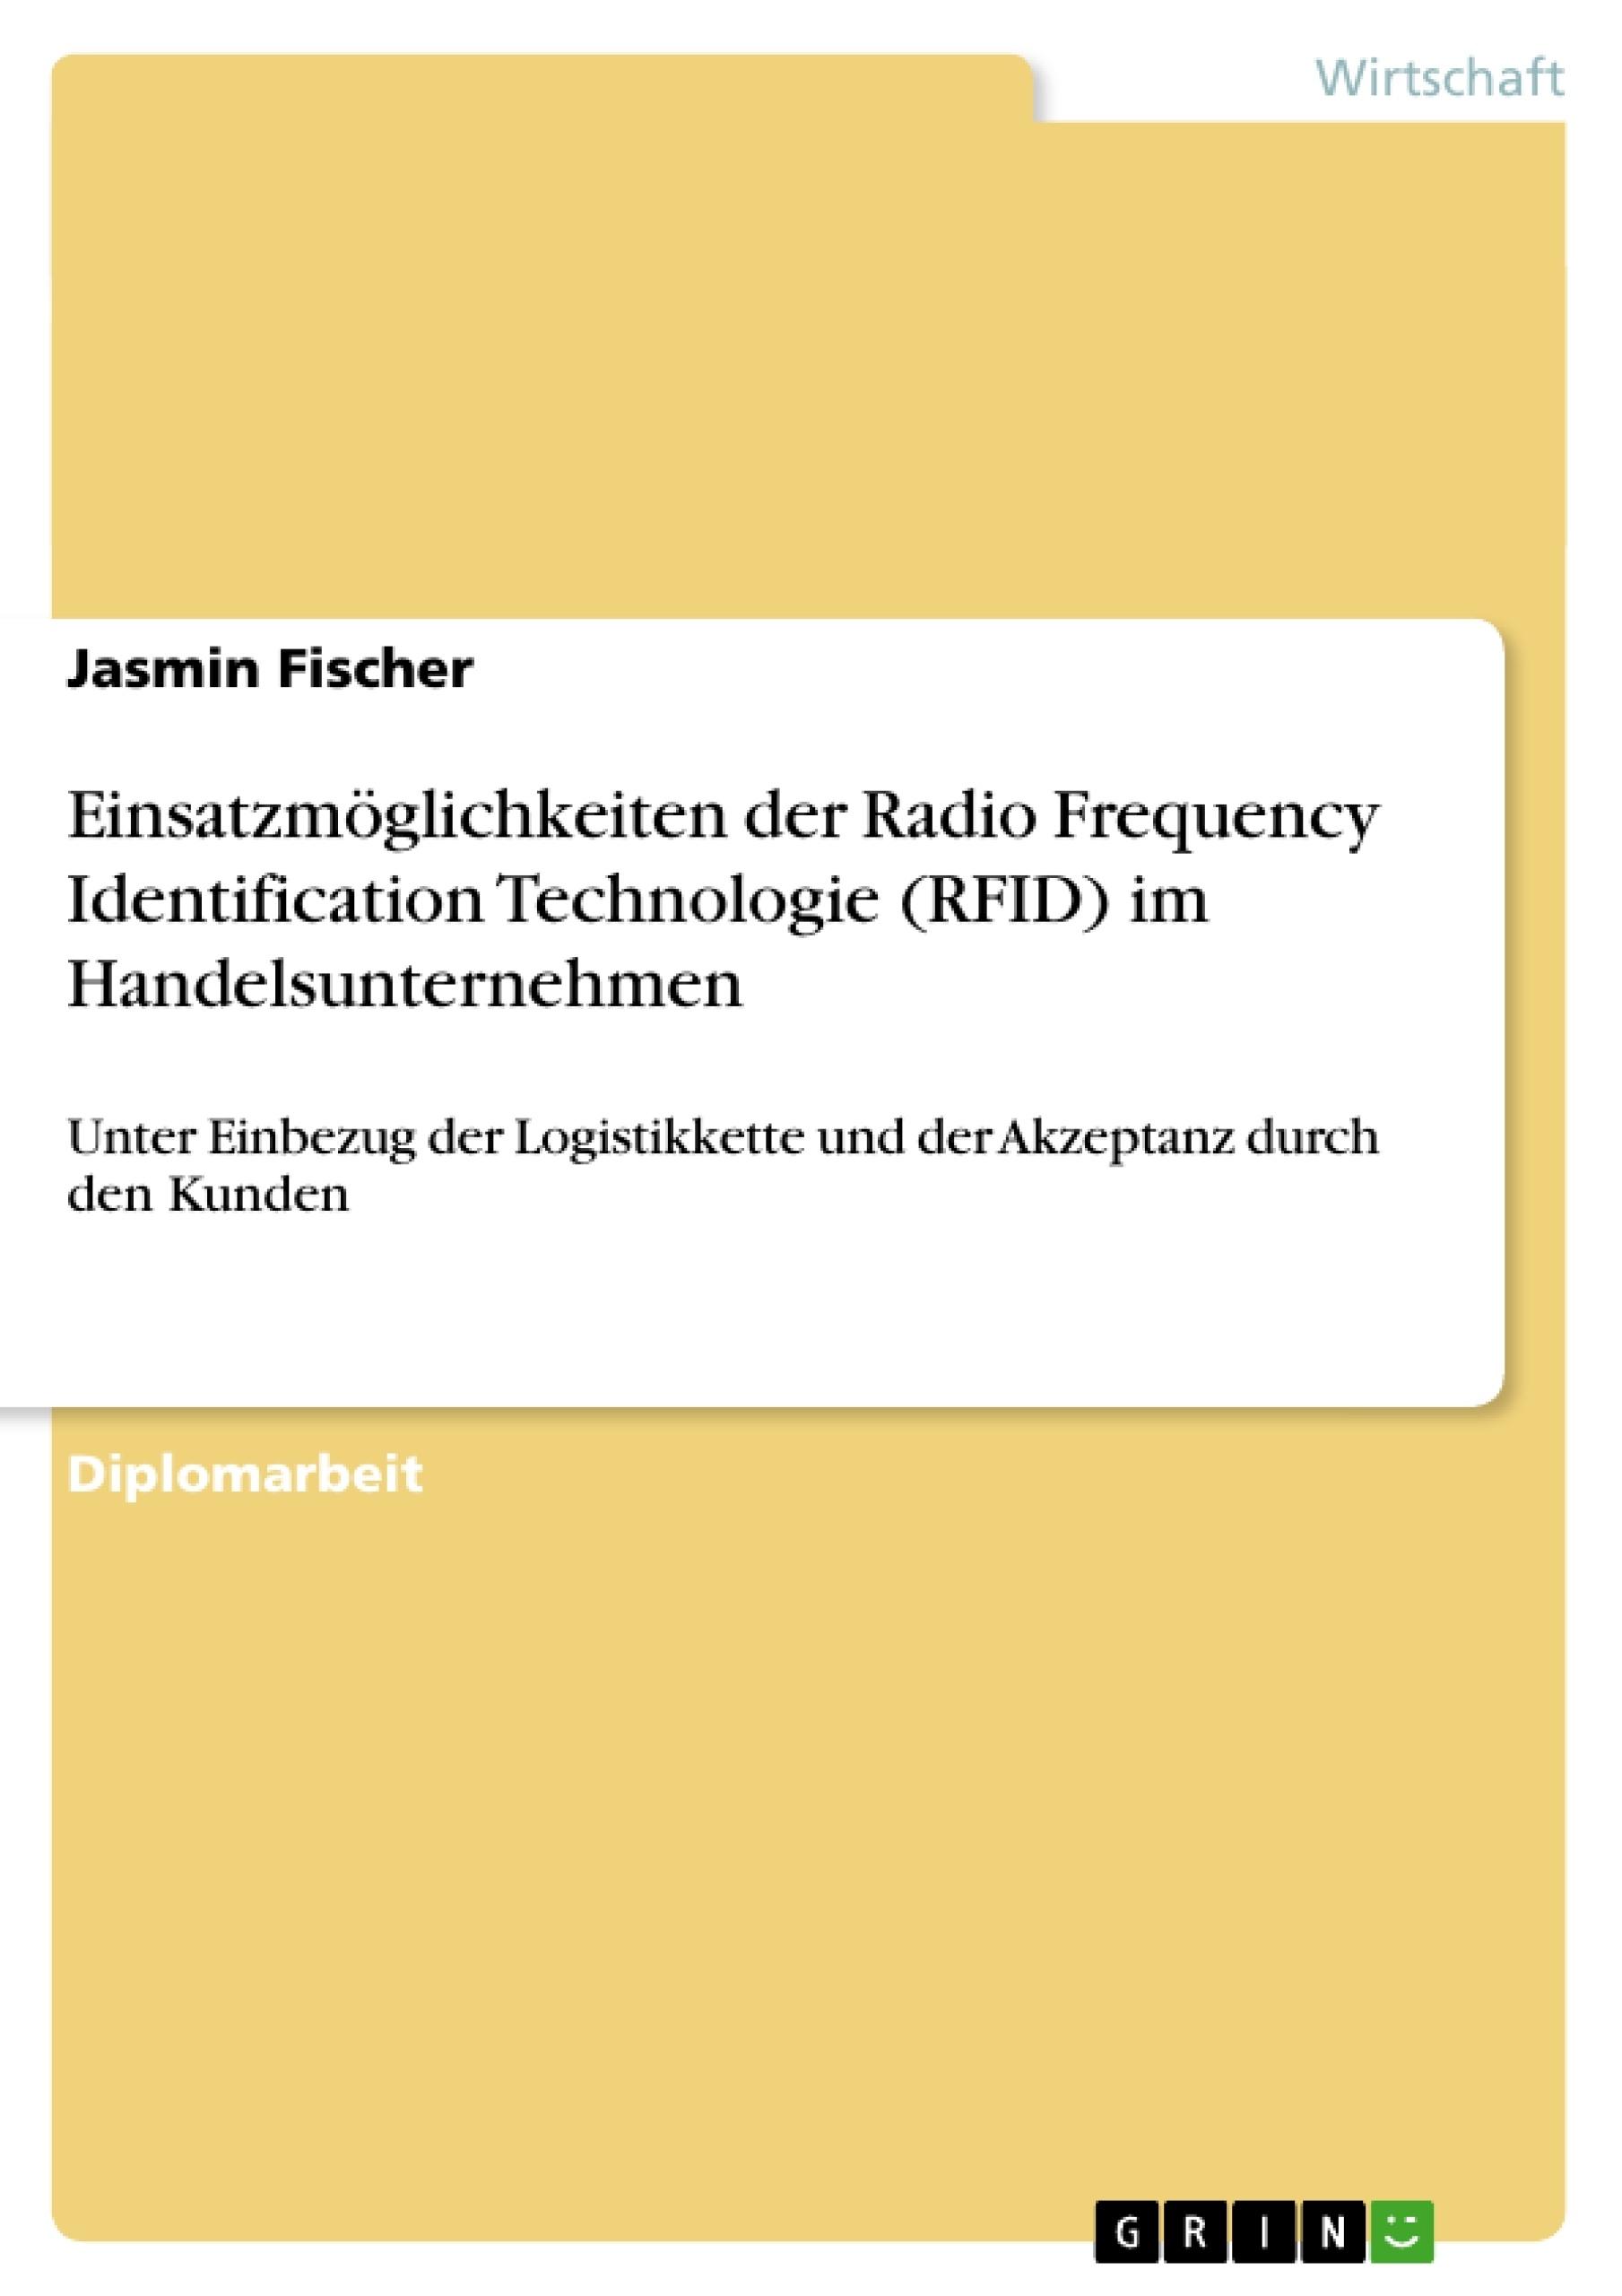 Titel: Einsatzmöglichkeiten der Radio Frequency Identification Technologie (RFID) im Handelsunternehmen